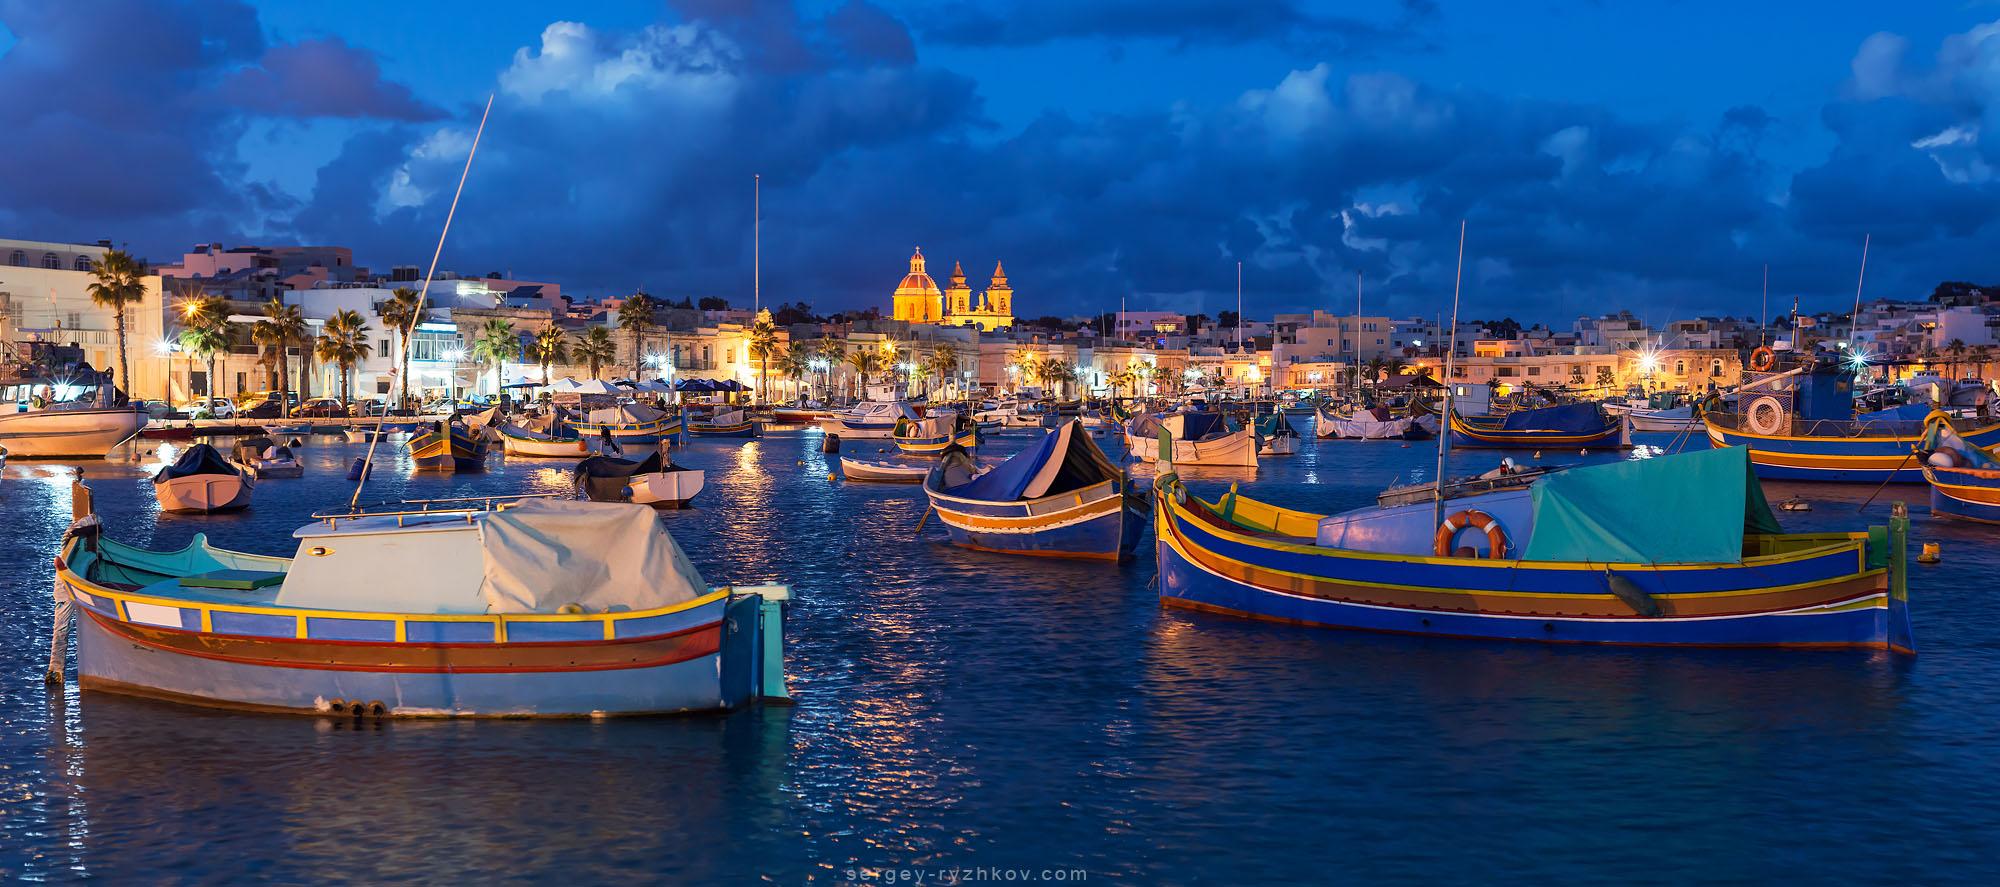 Panorama of night Marsaxlokk, Malta by Sergey-Ryzhkov